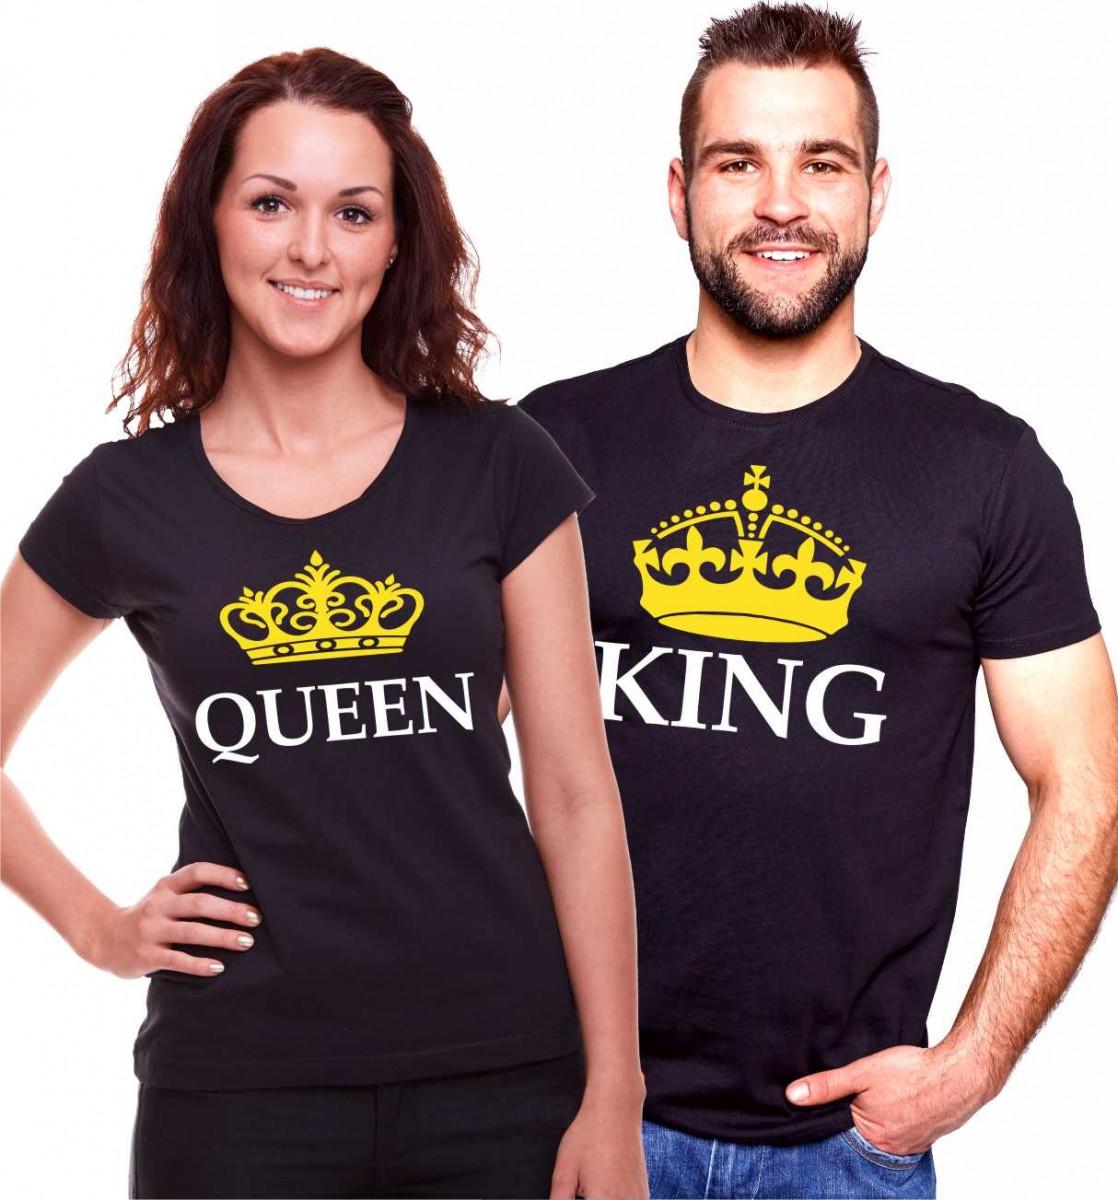 089b8e648 Originální partnerské: dámské / pánské tričko QUEEN / KING (král ...